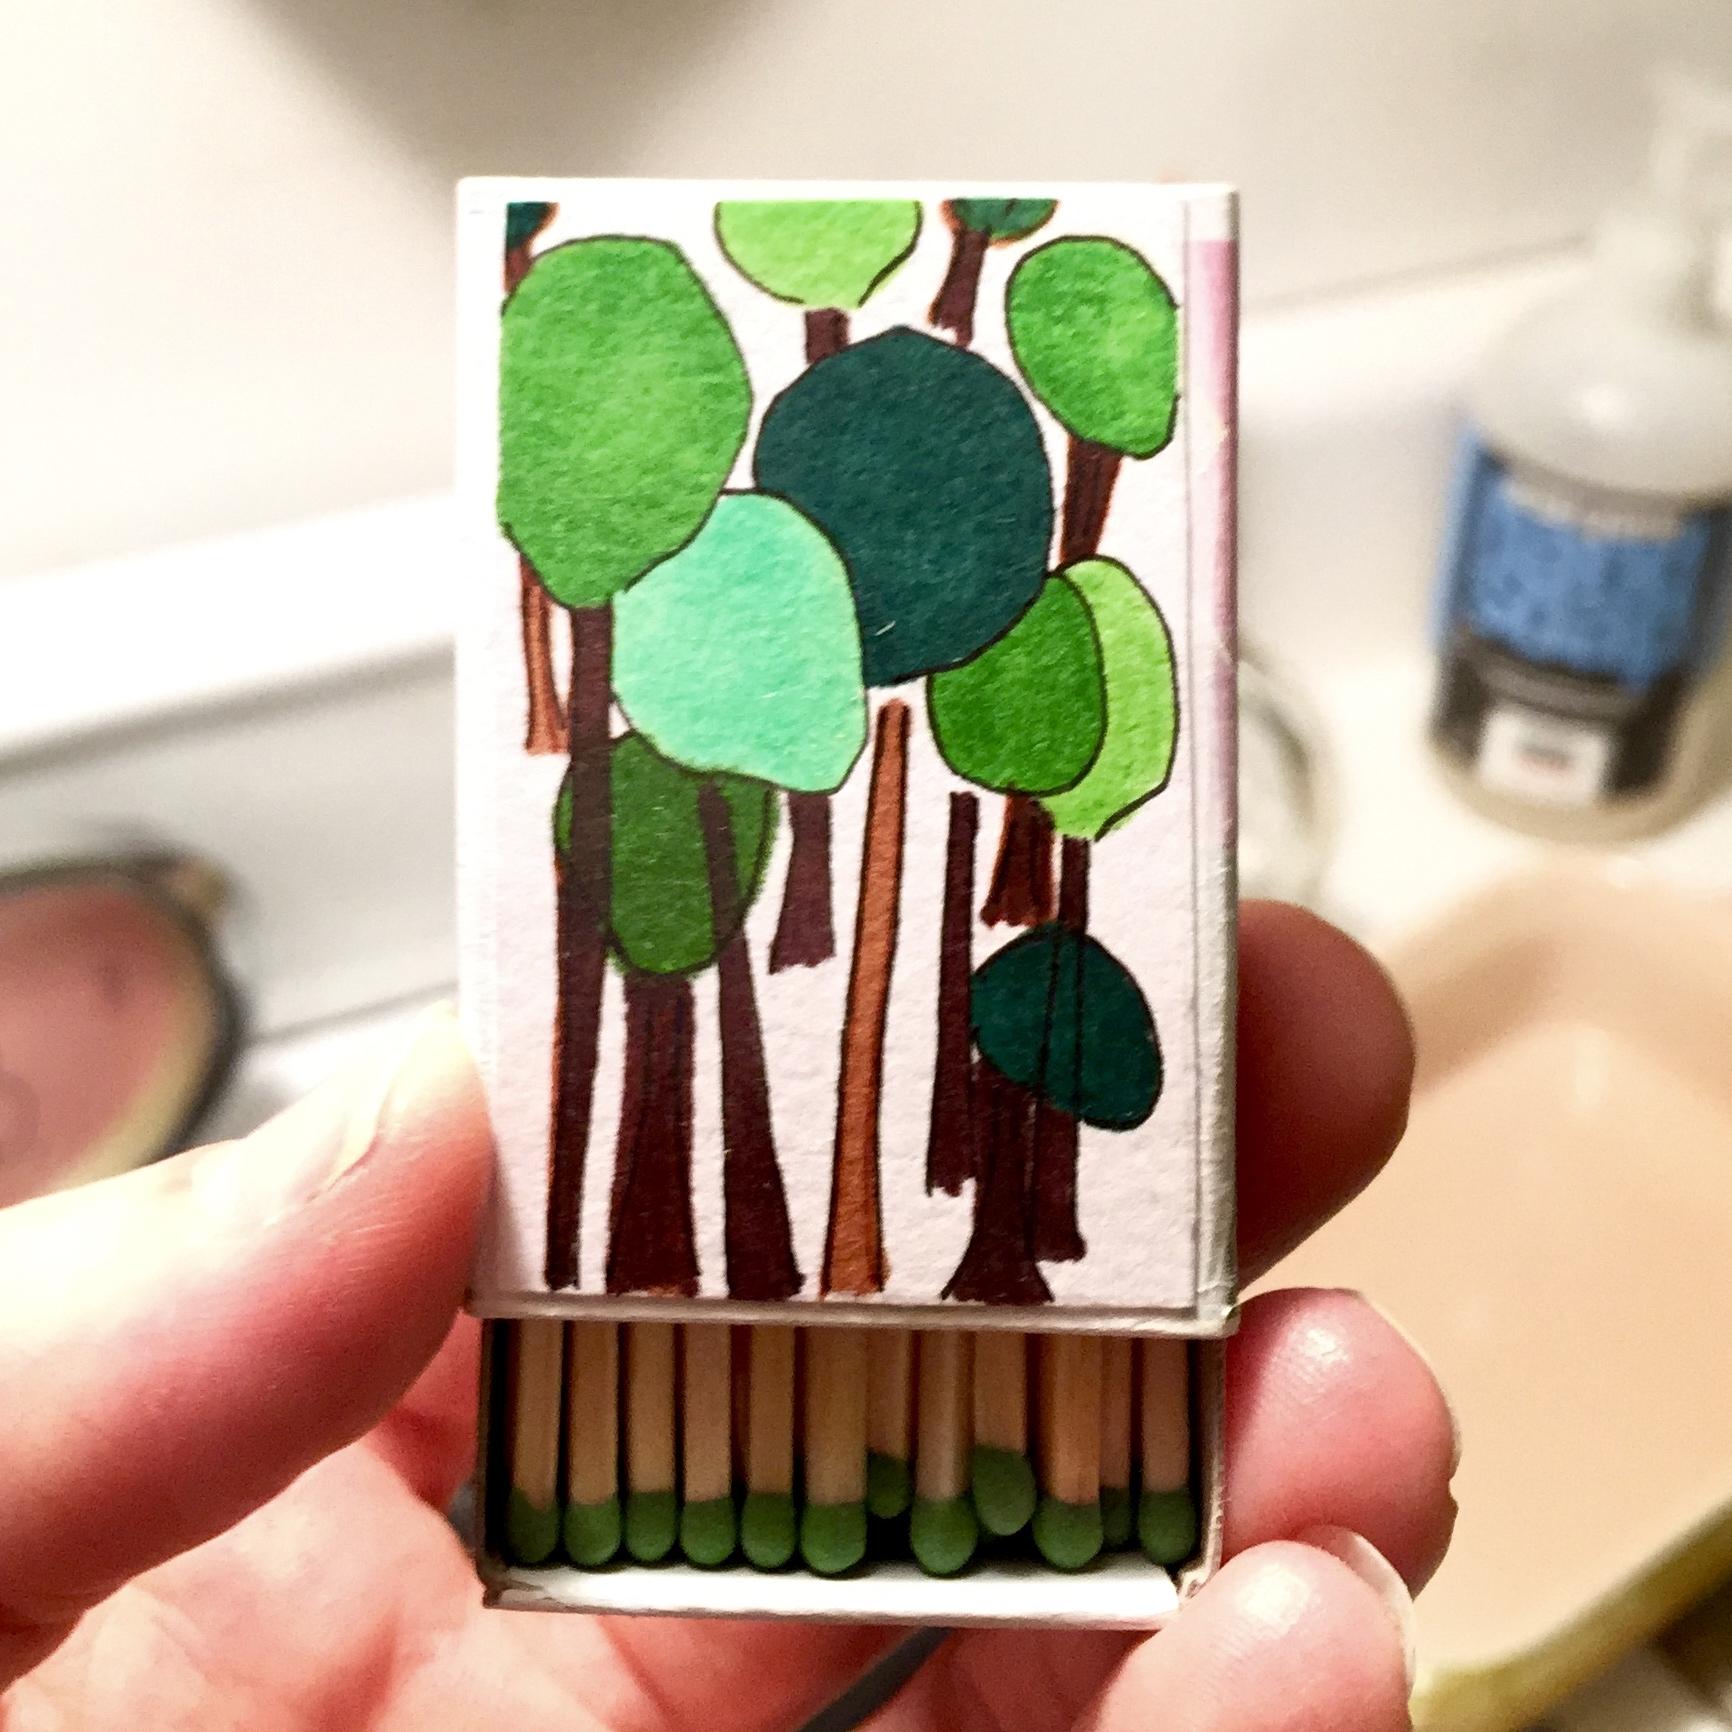 #17. Gustav's Trees